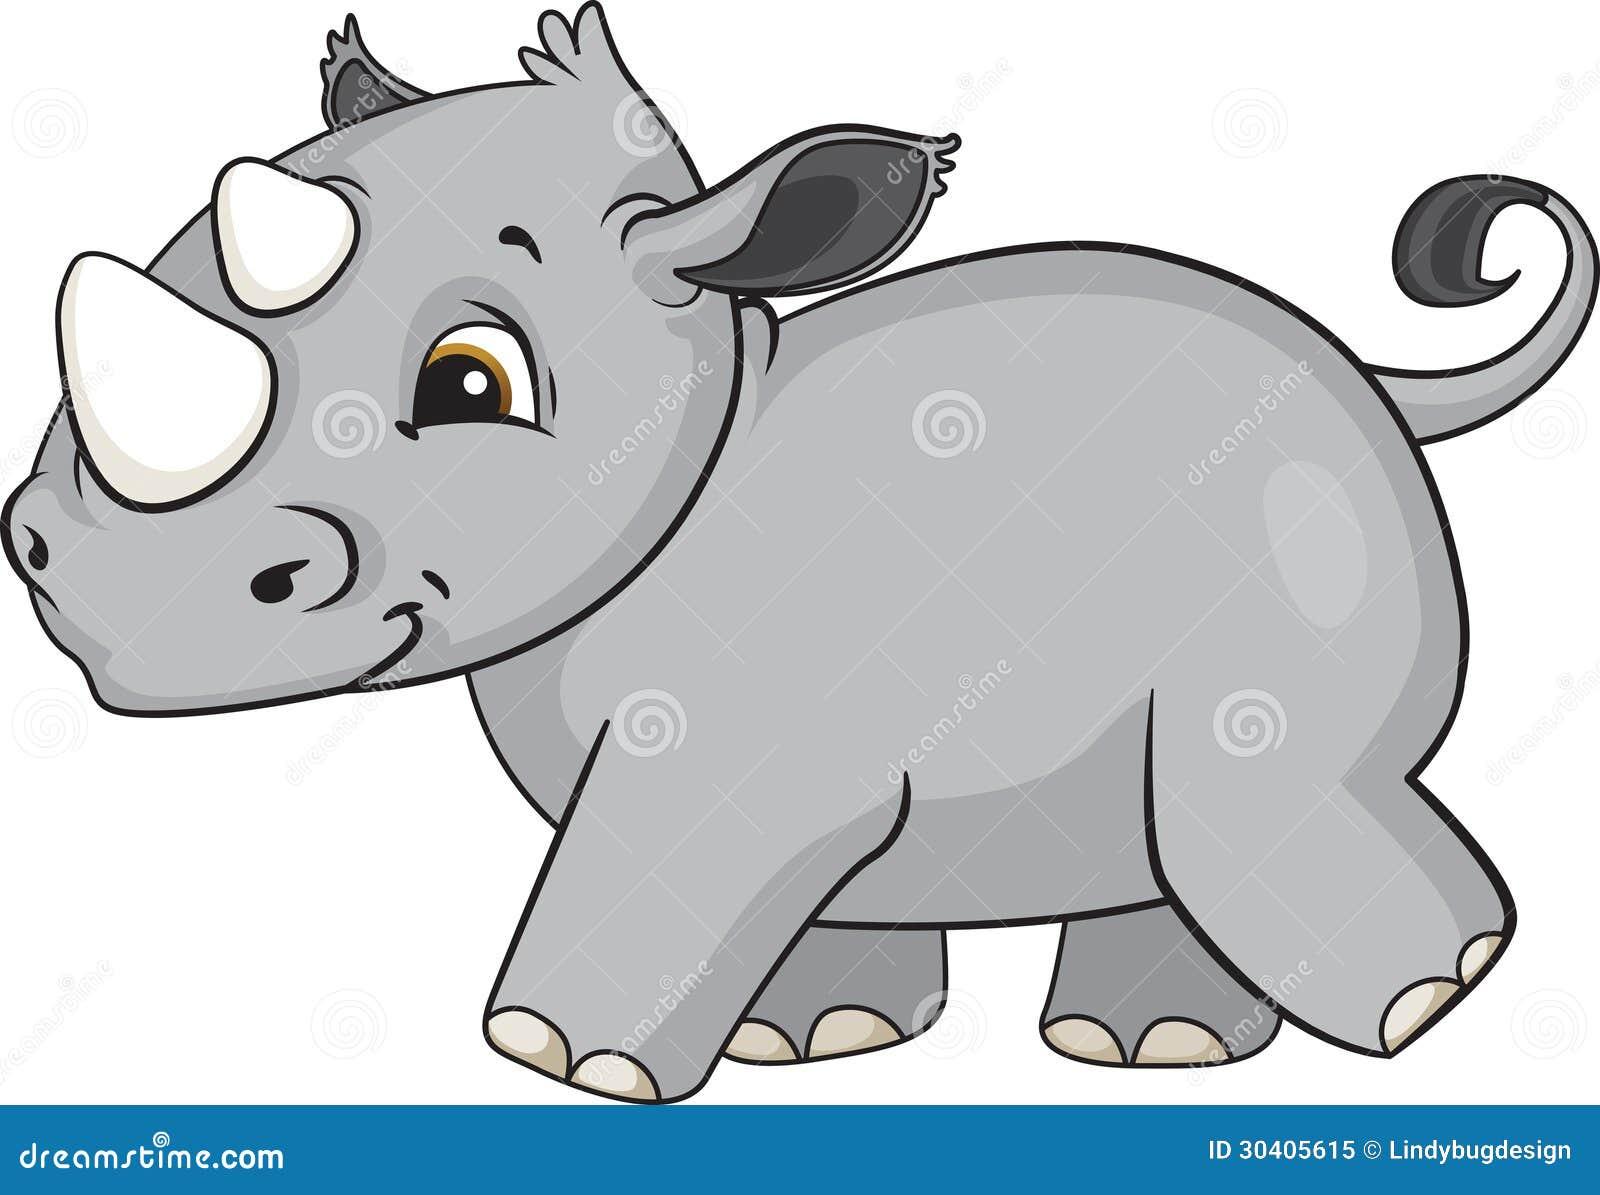 Zoológico De Animais Bebê Dos Desenhos Animados Vetor: Desenhos Animados Do Rinoceronte Do Bebê Ilustração Do